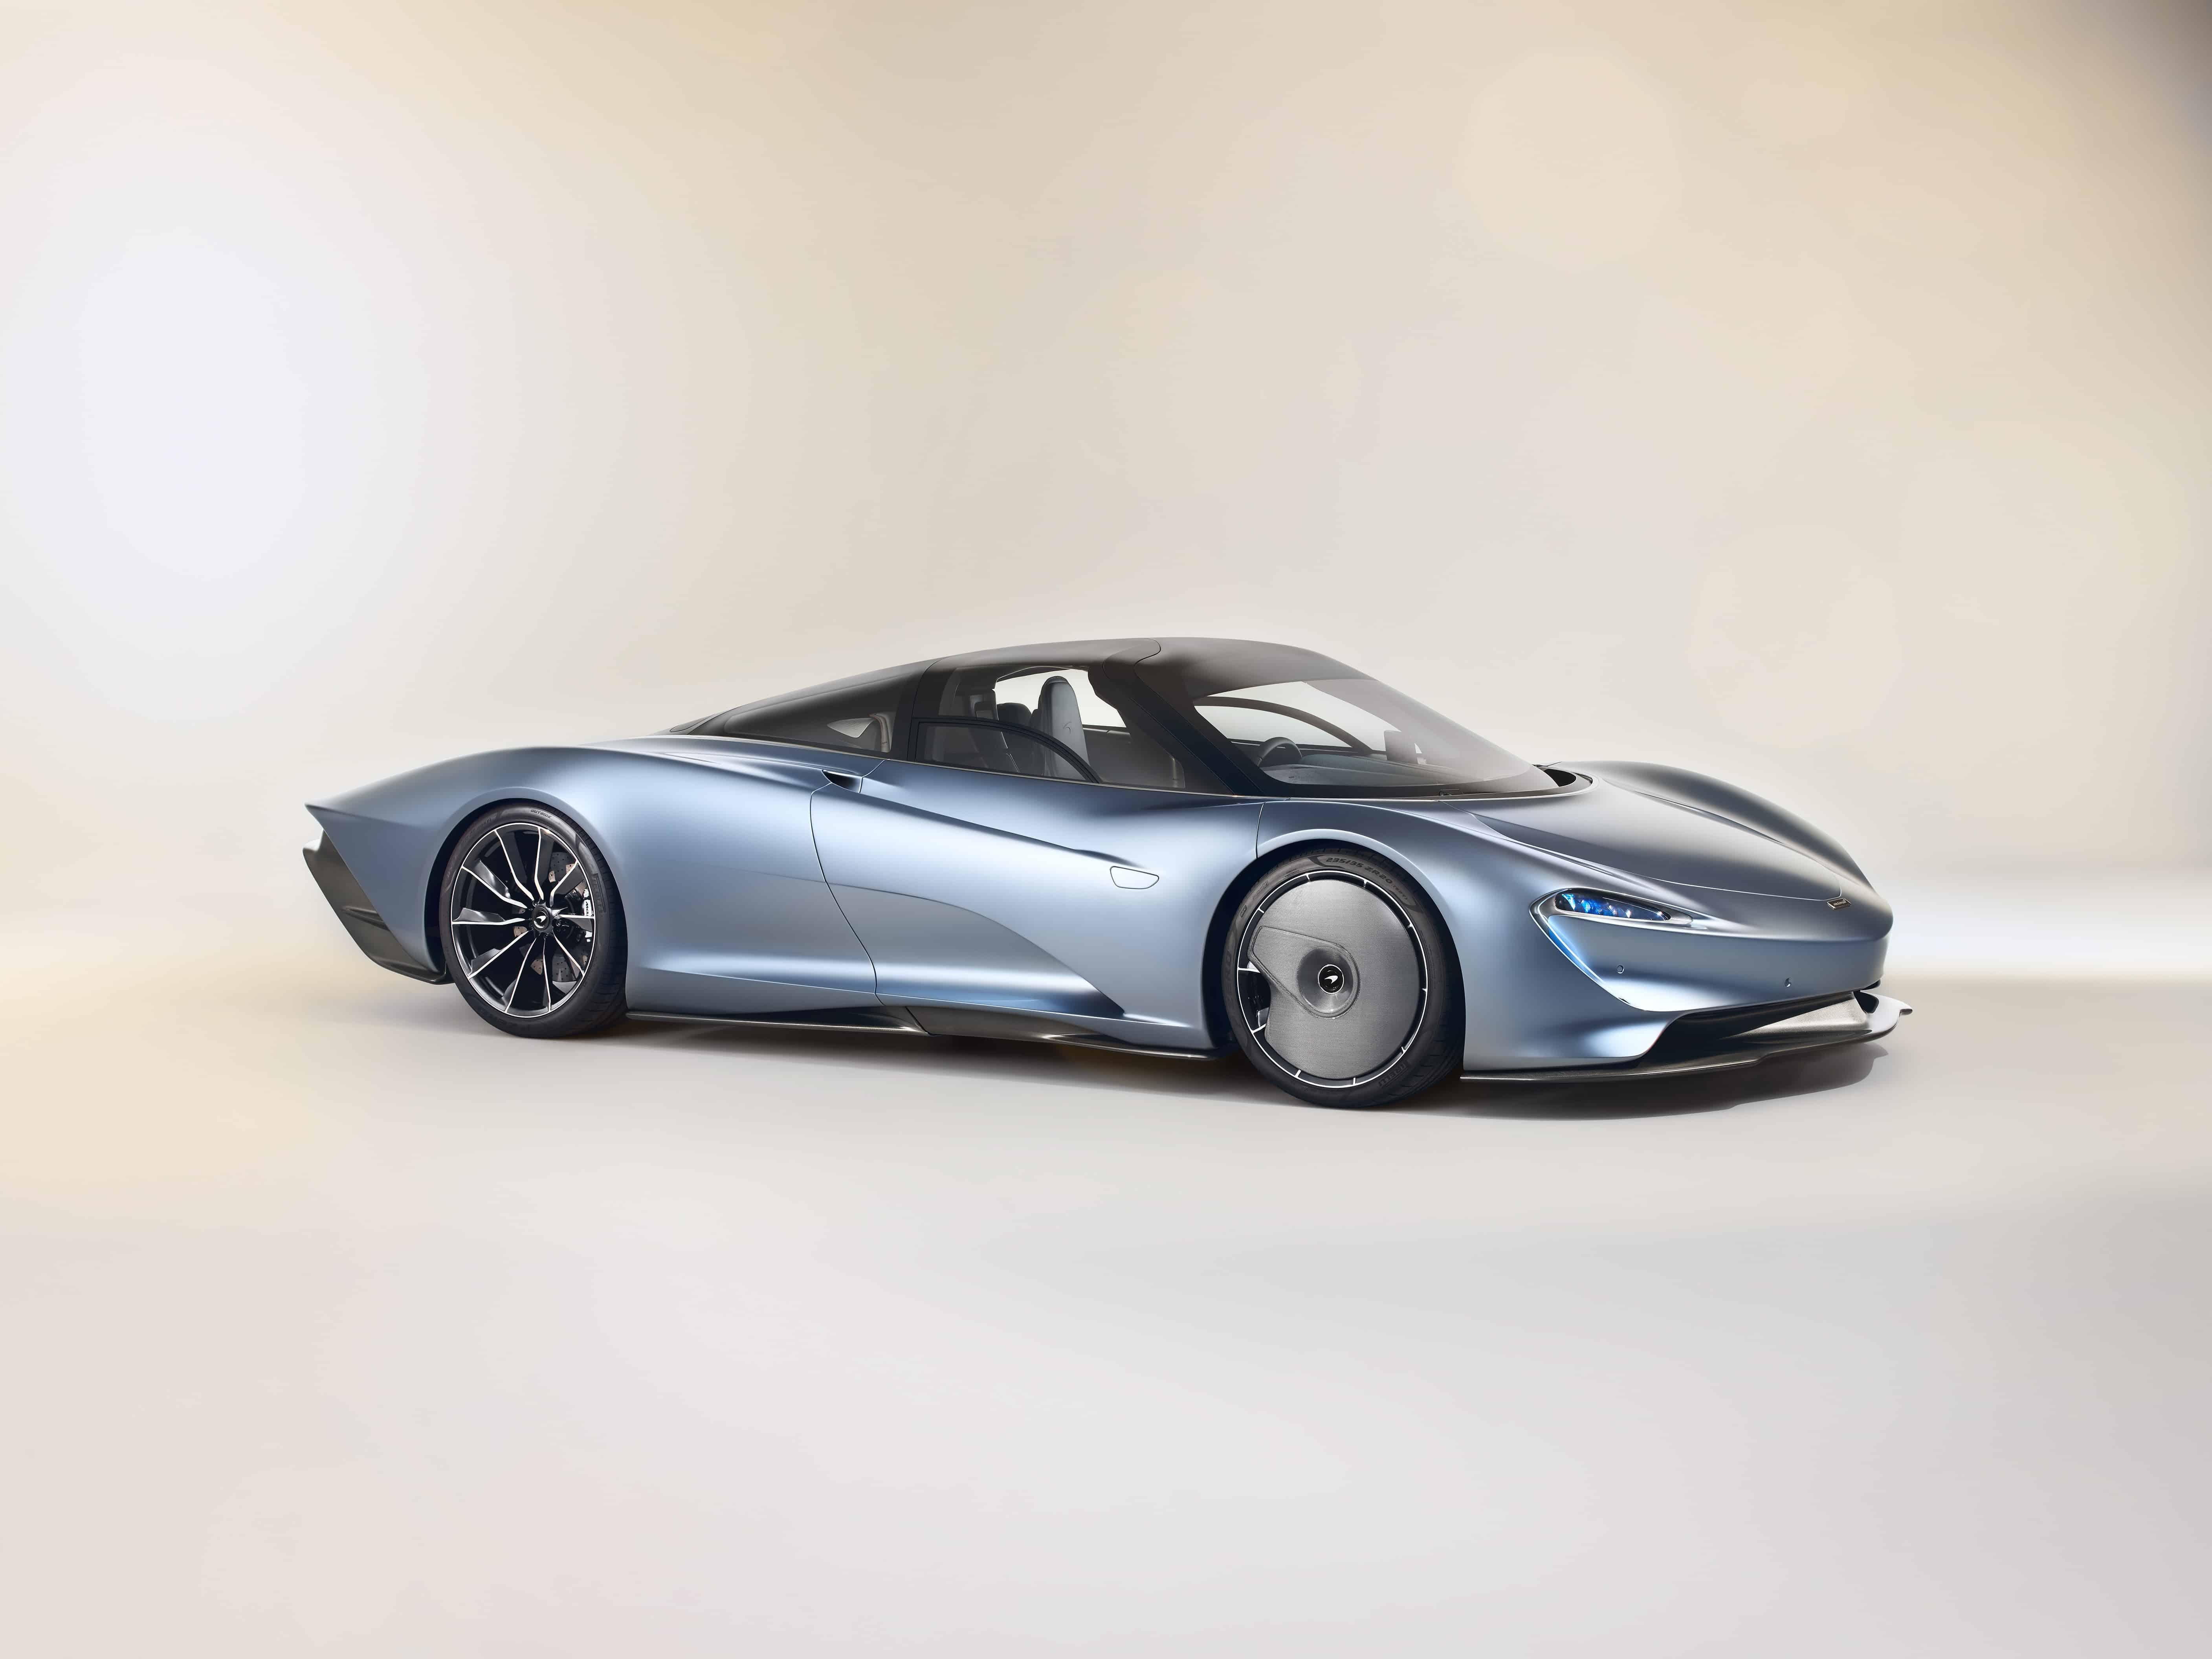 McLarenSpeedtail